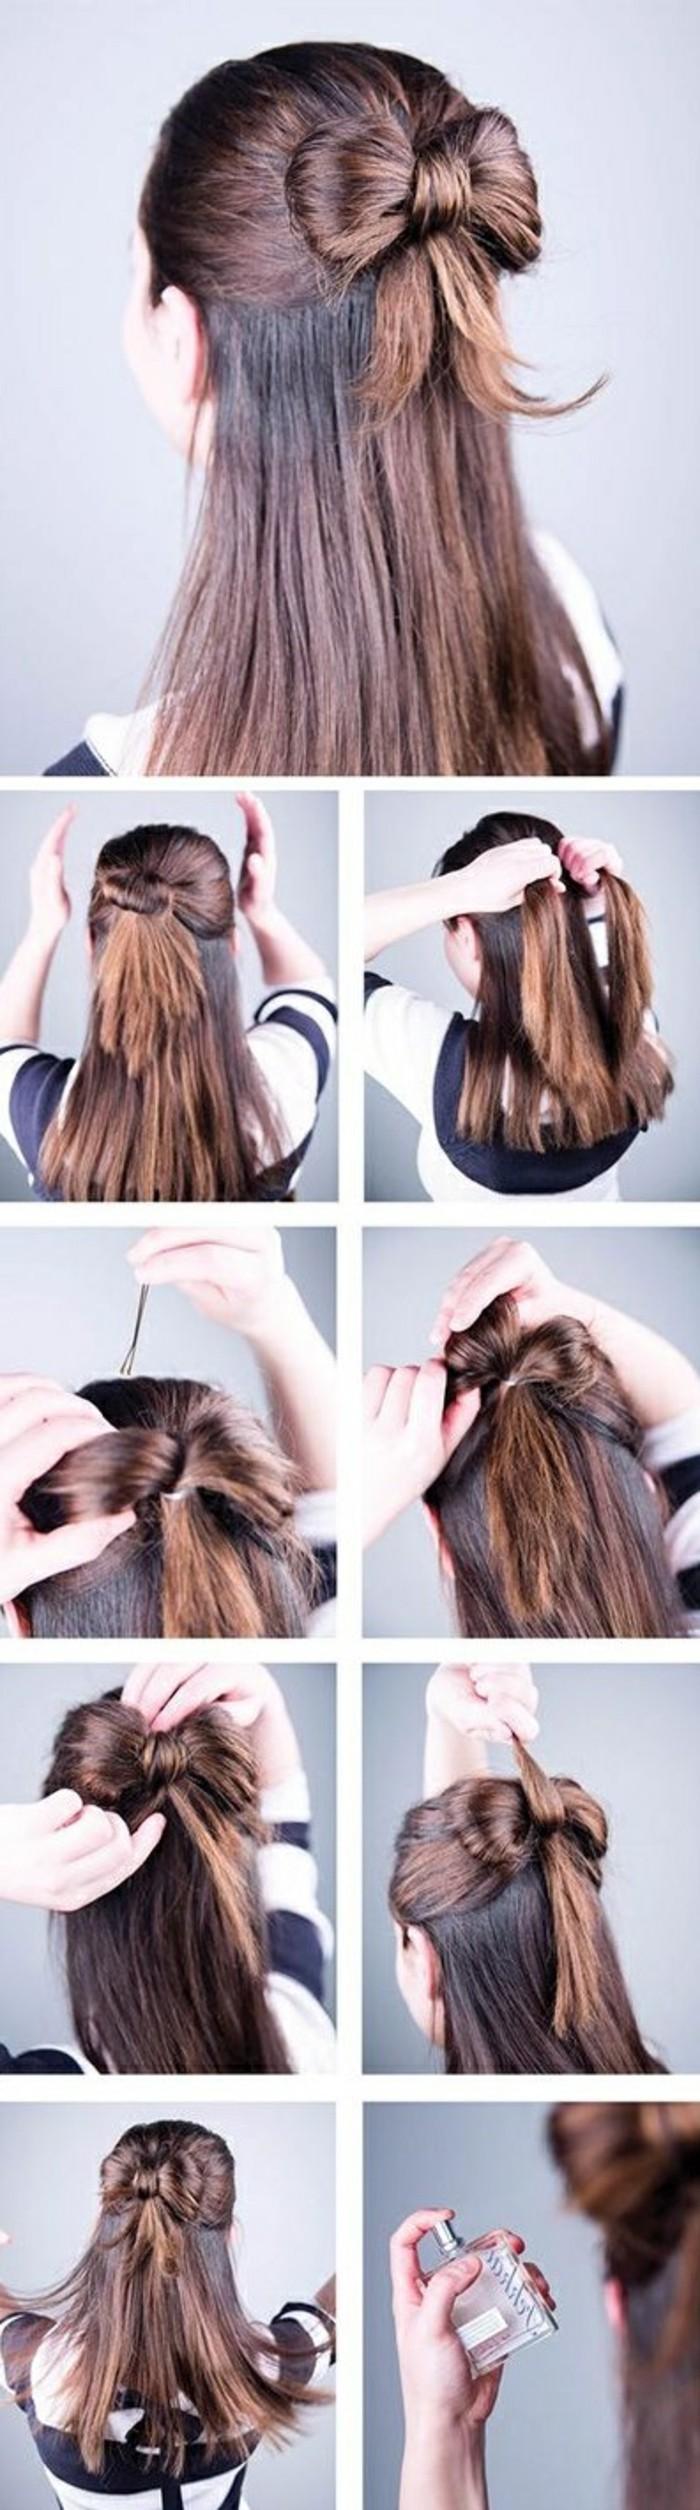 cheveux noués en noeud de papillon en arrière de la tête et reste des cheveux lisses lâchés, coiffure facile a faire